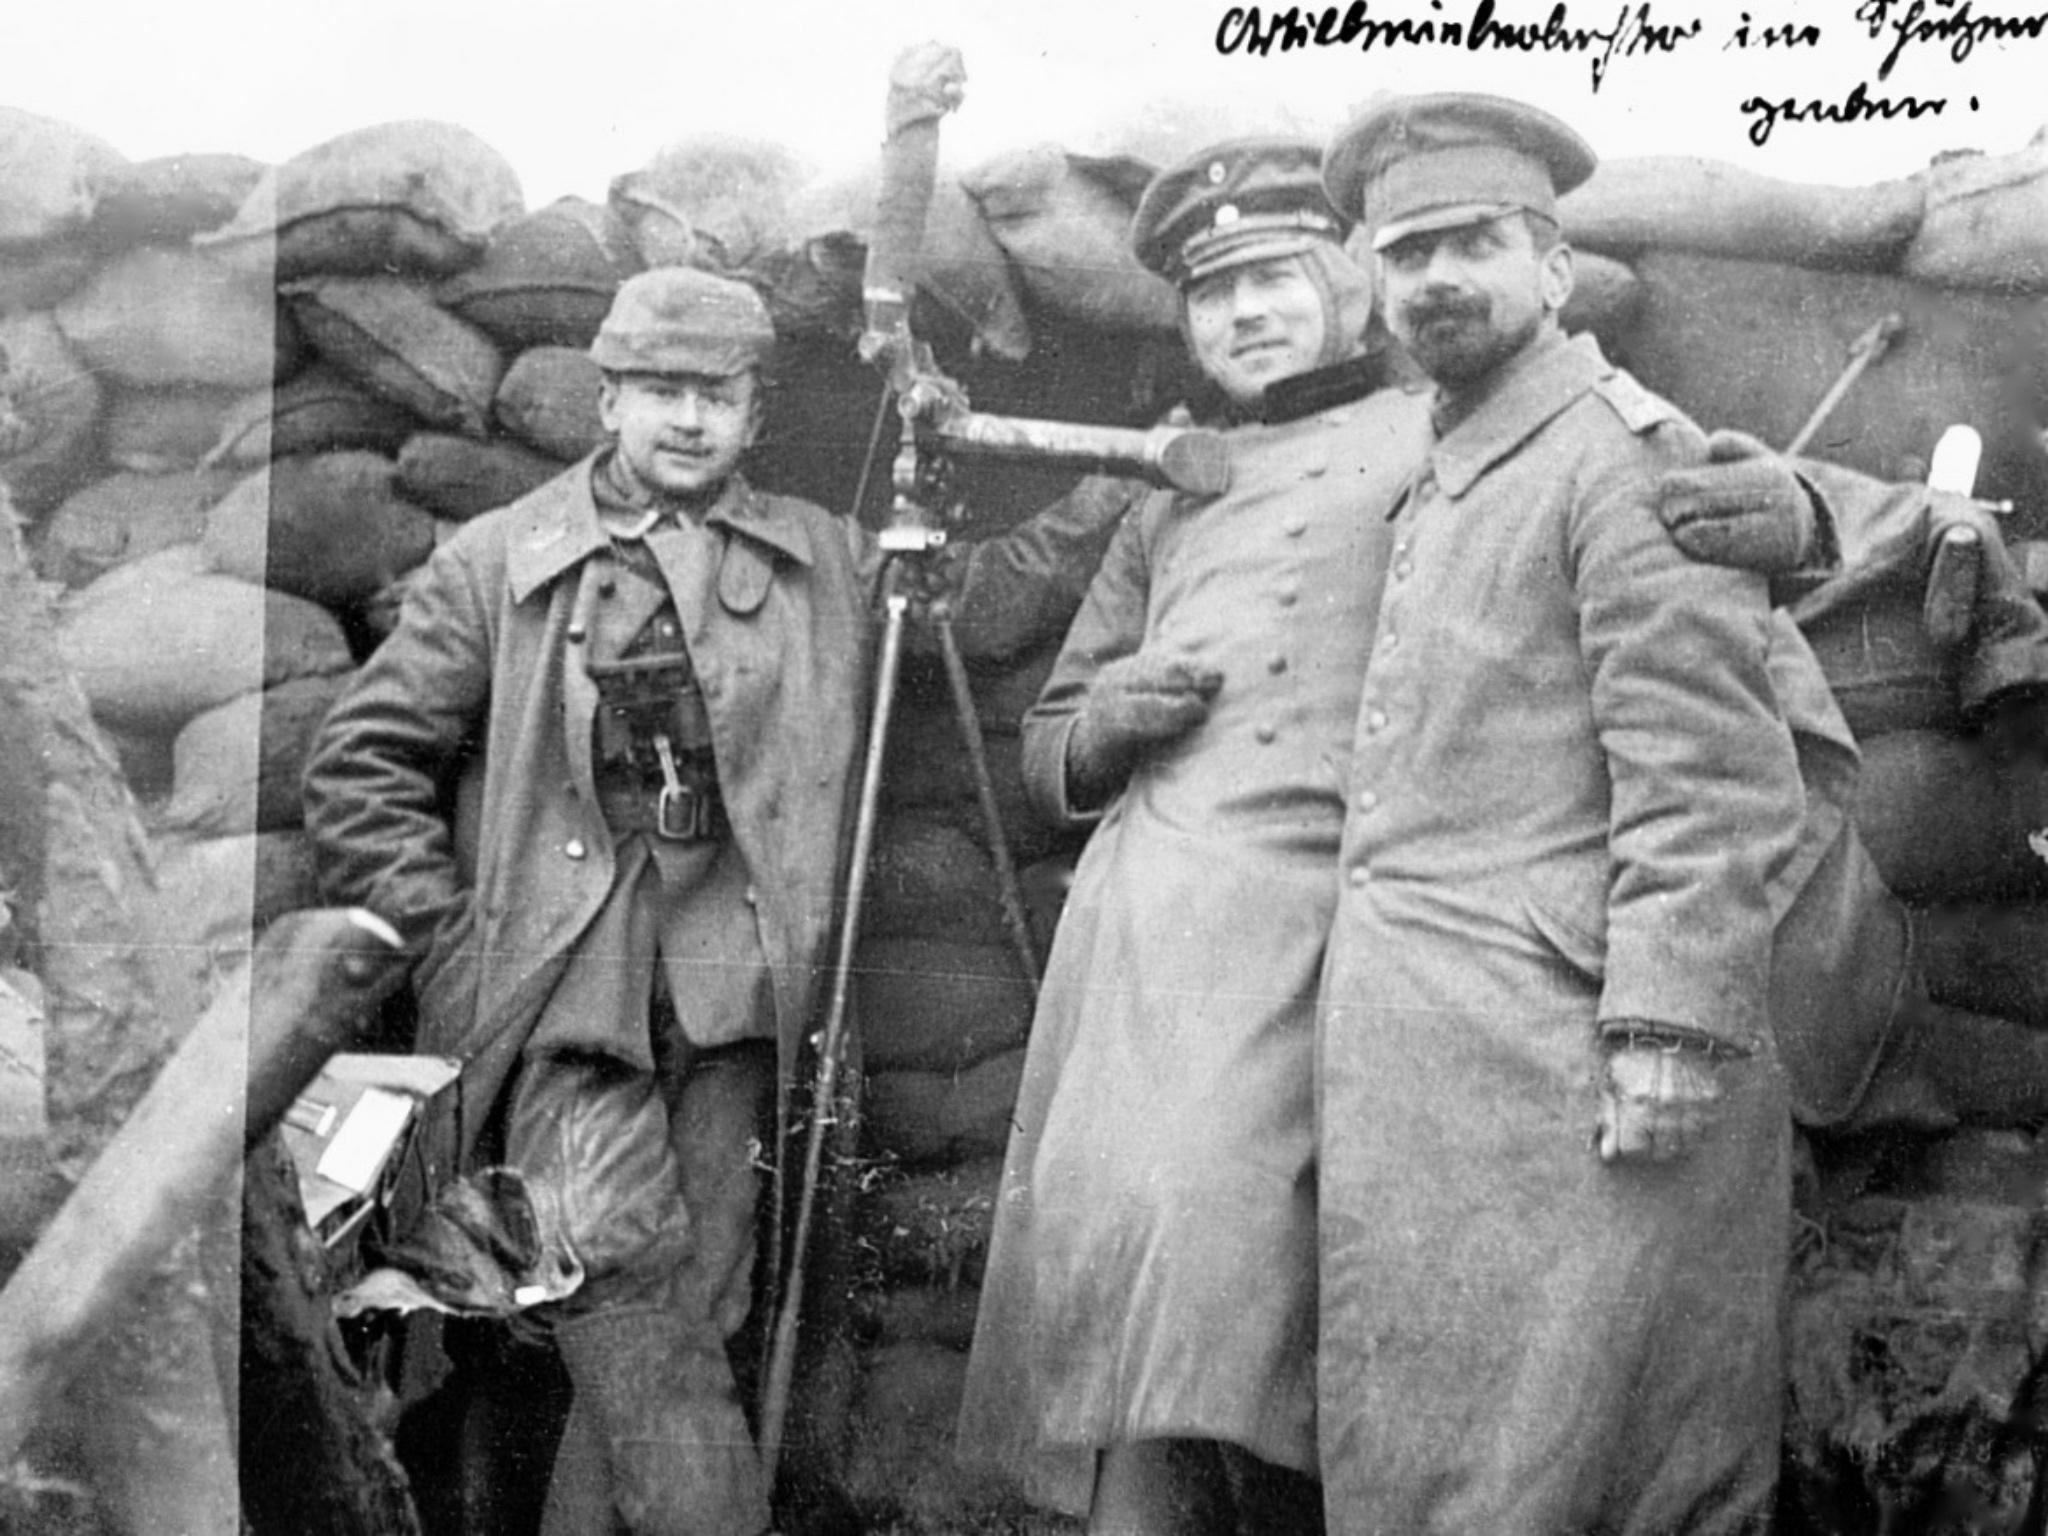 Der Würzburger Soldat Adelbert Gümbel fotografierte im Mai 1915 Artilleriebeobachter im Schützengraben vor dem belgischen Städtchen Ypern - Foto: Staatsarchiv Würzburg